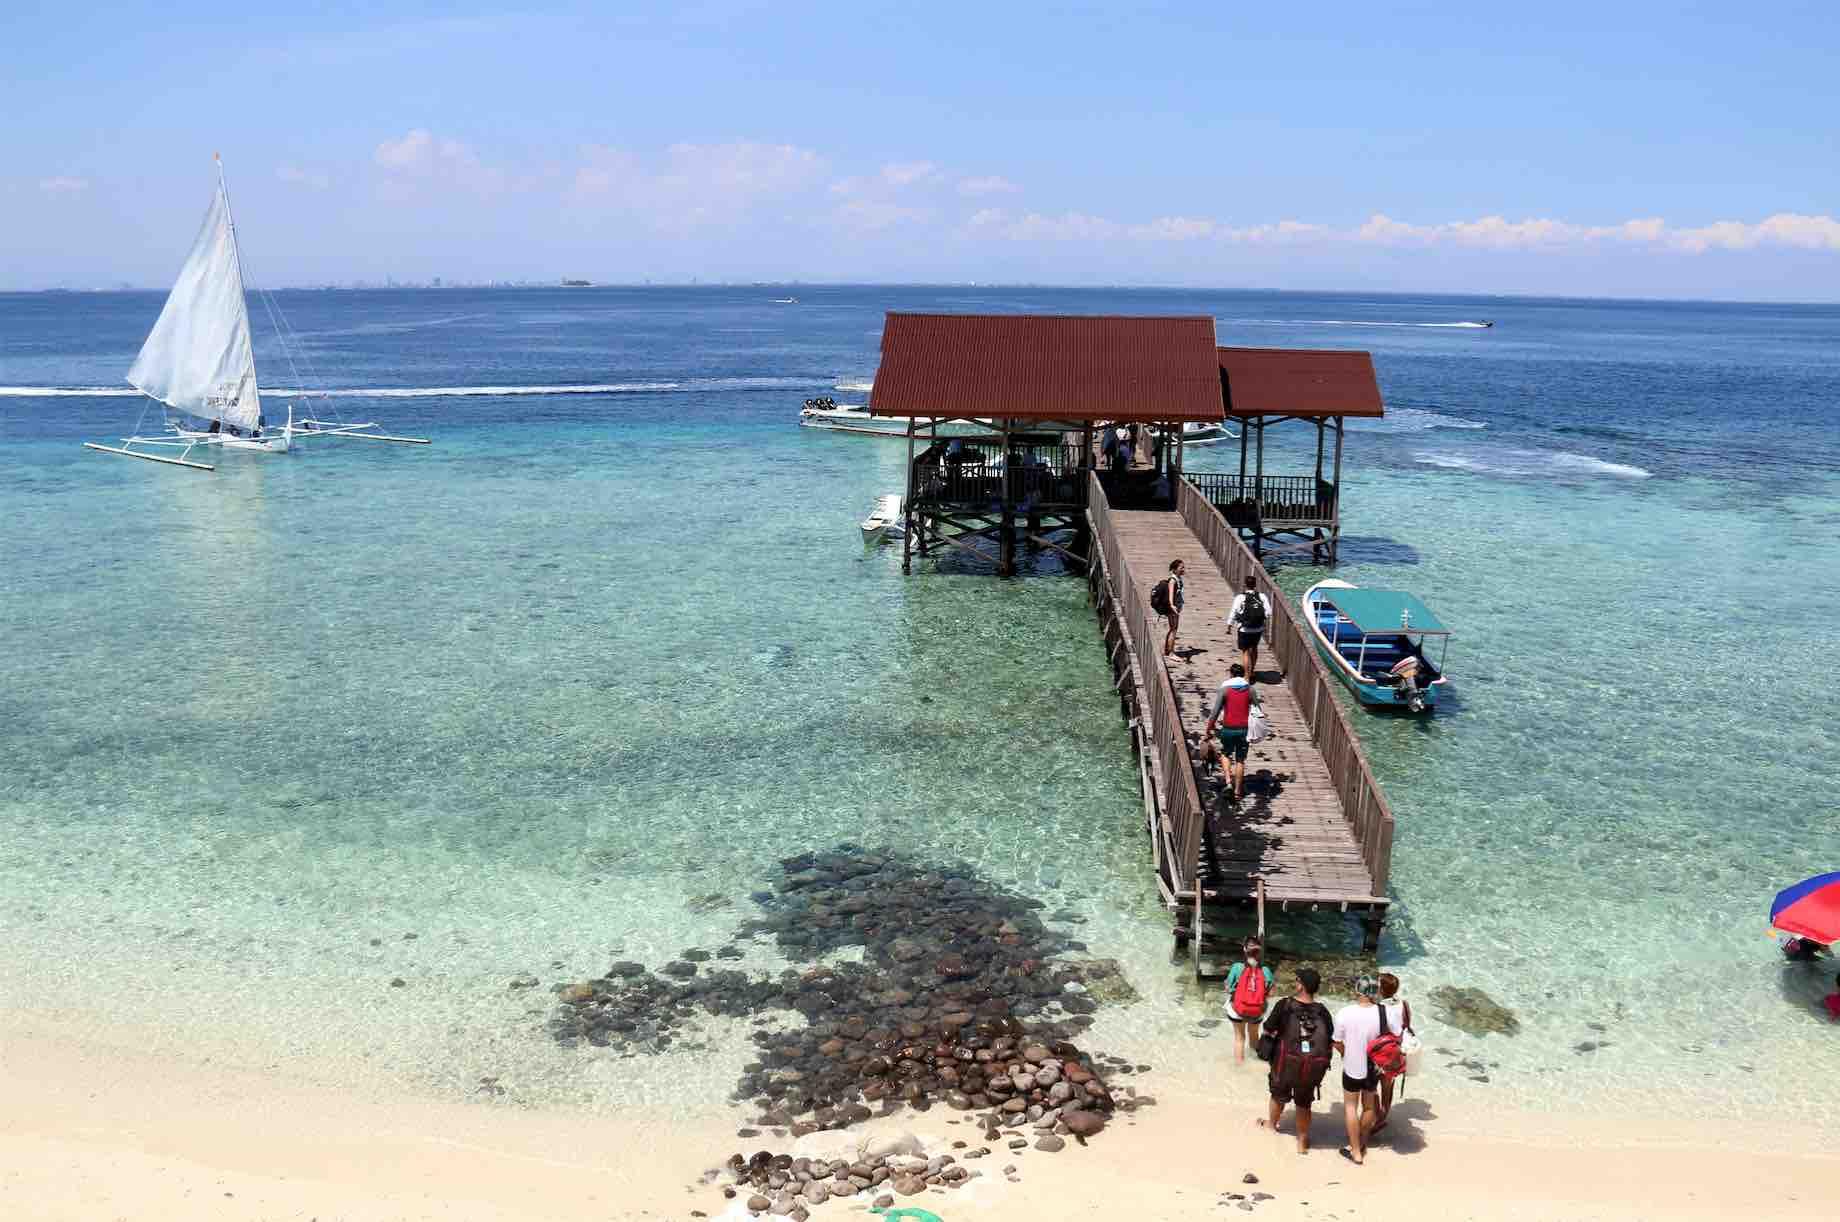 Kodingareng Keke Island Indonesia - AspirantSG